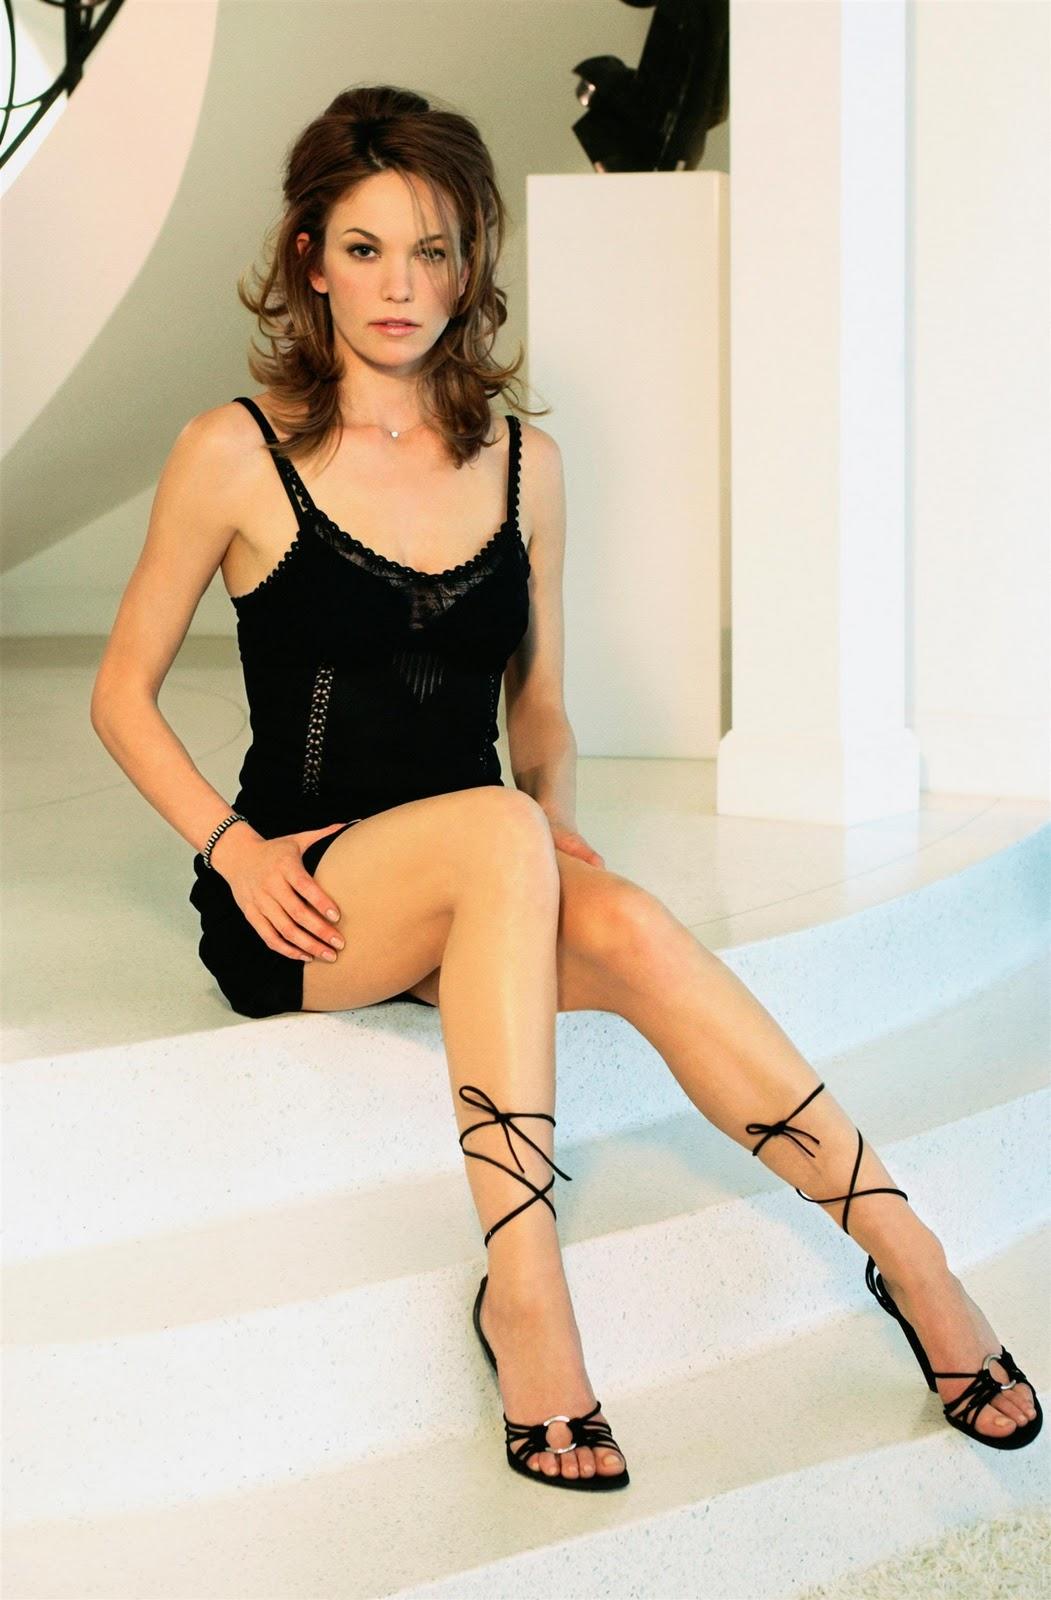 http://1.bp.blogspot.com/-sc_eYM6-eG8/TZLSDabQAII/AAAAAAAADl0/WJzRFT9-O5g/s1600/Diane-Lane.jpg